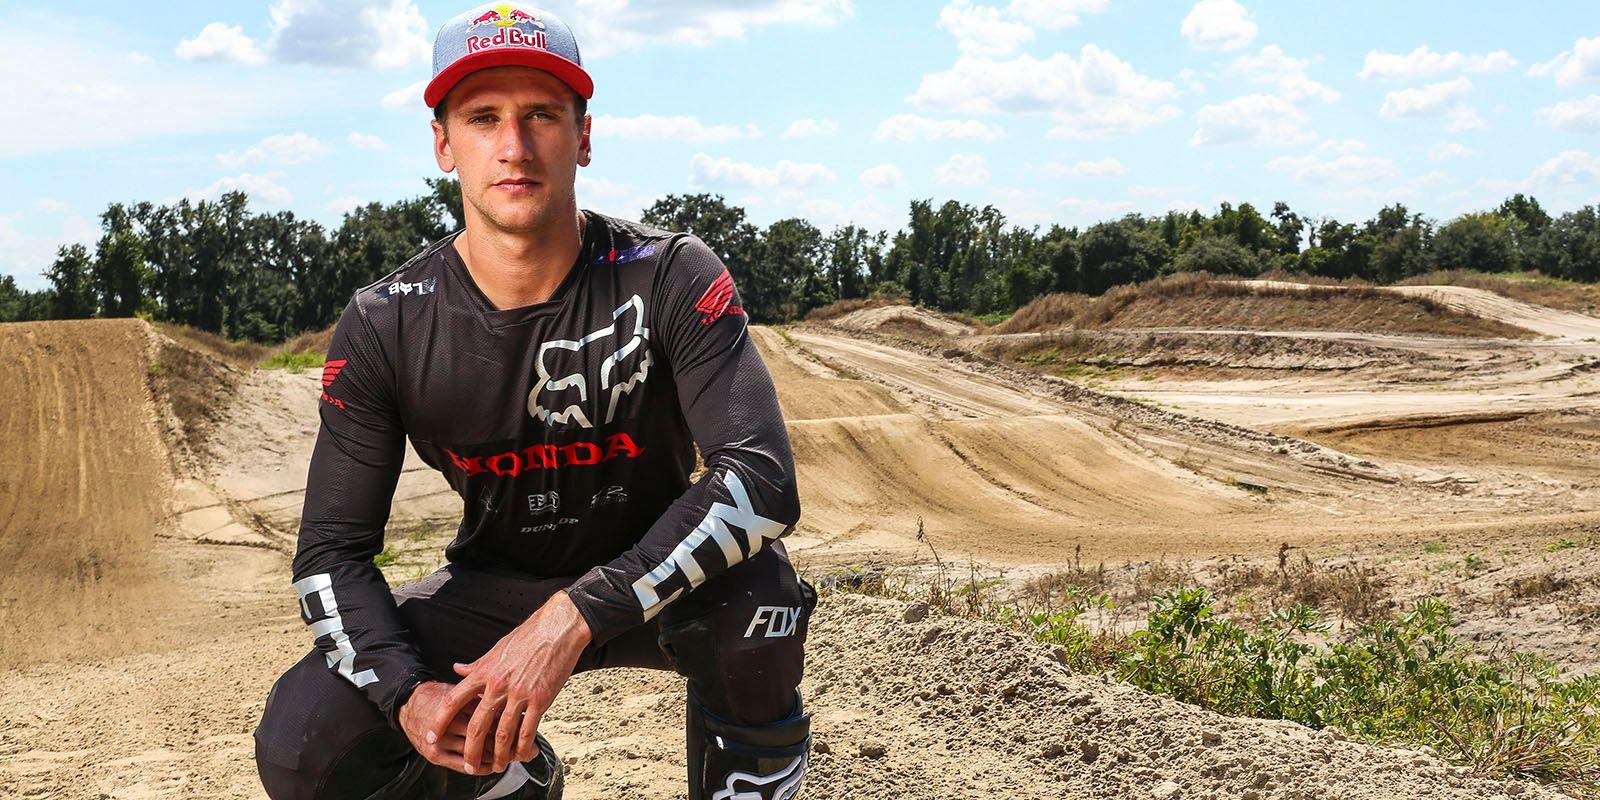 Ken Roczen German Supercross And Motocross Star